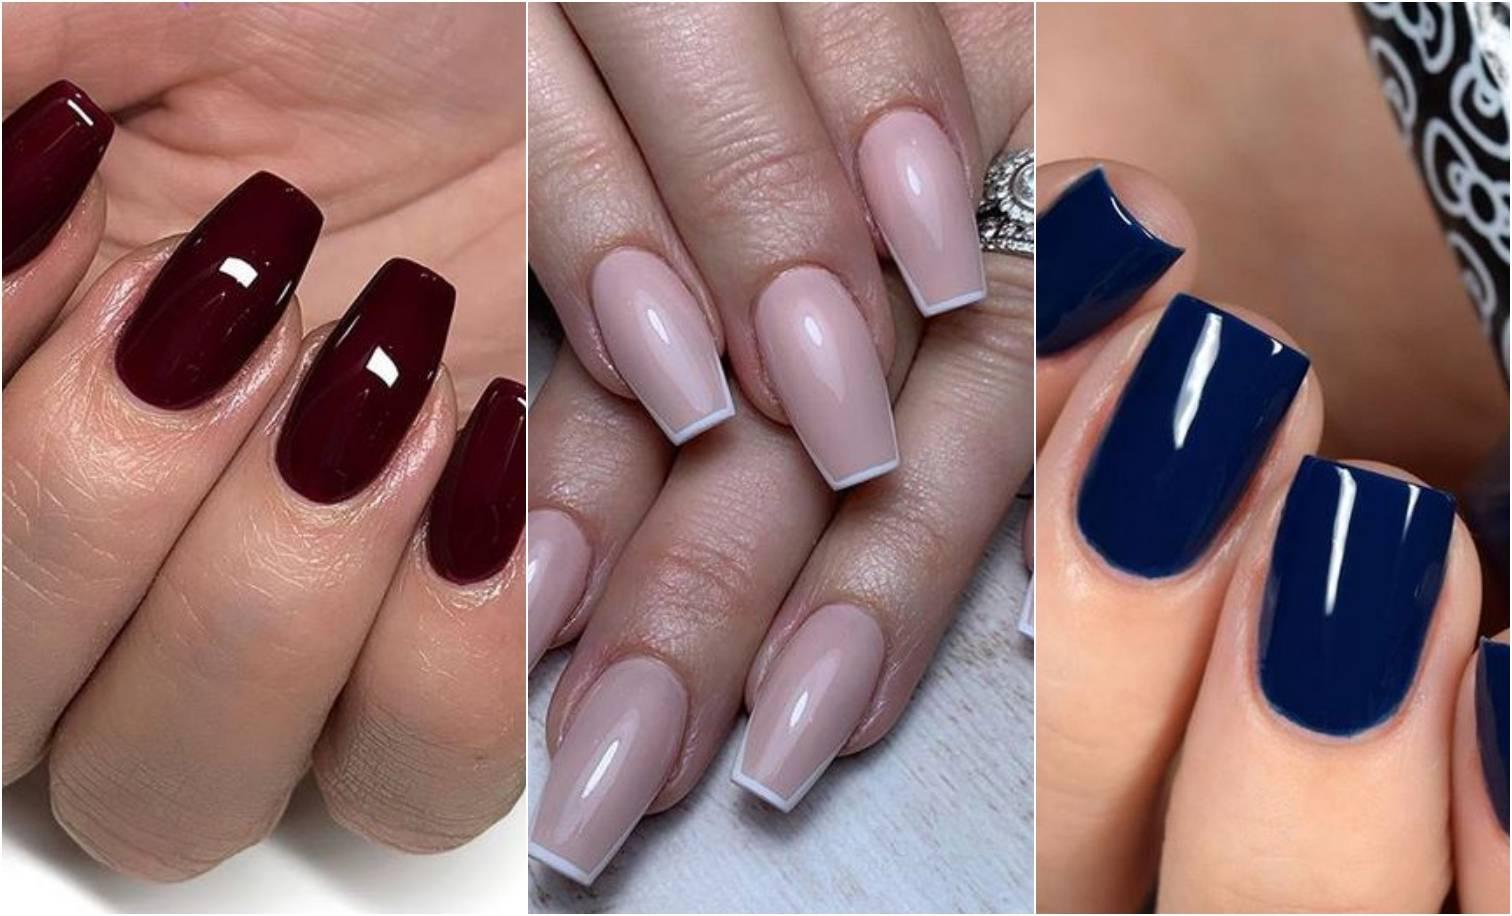 Jesen na noktima: Hit boje su bež te tamne crvena i plava